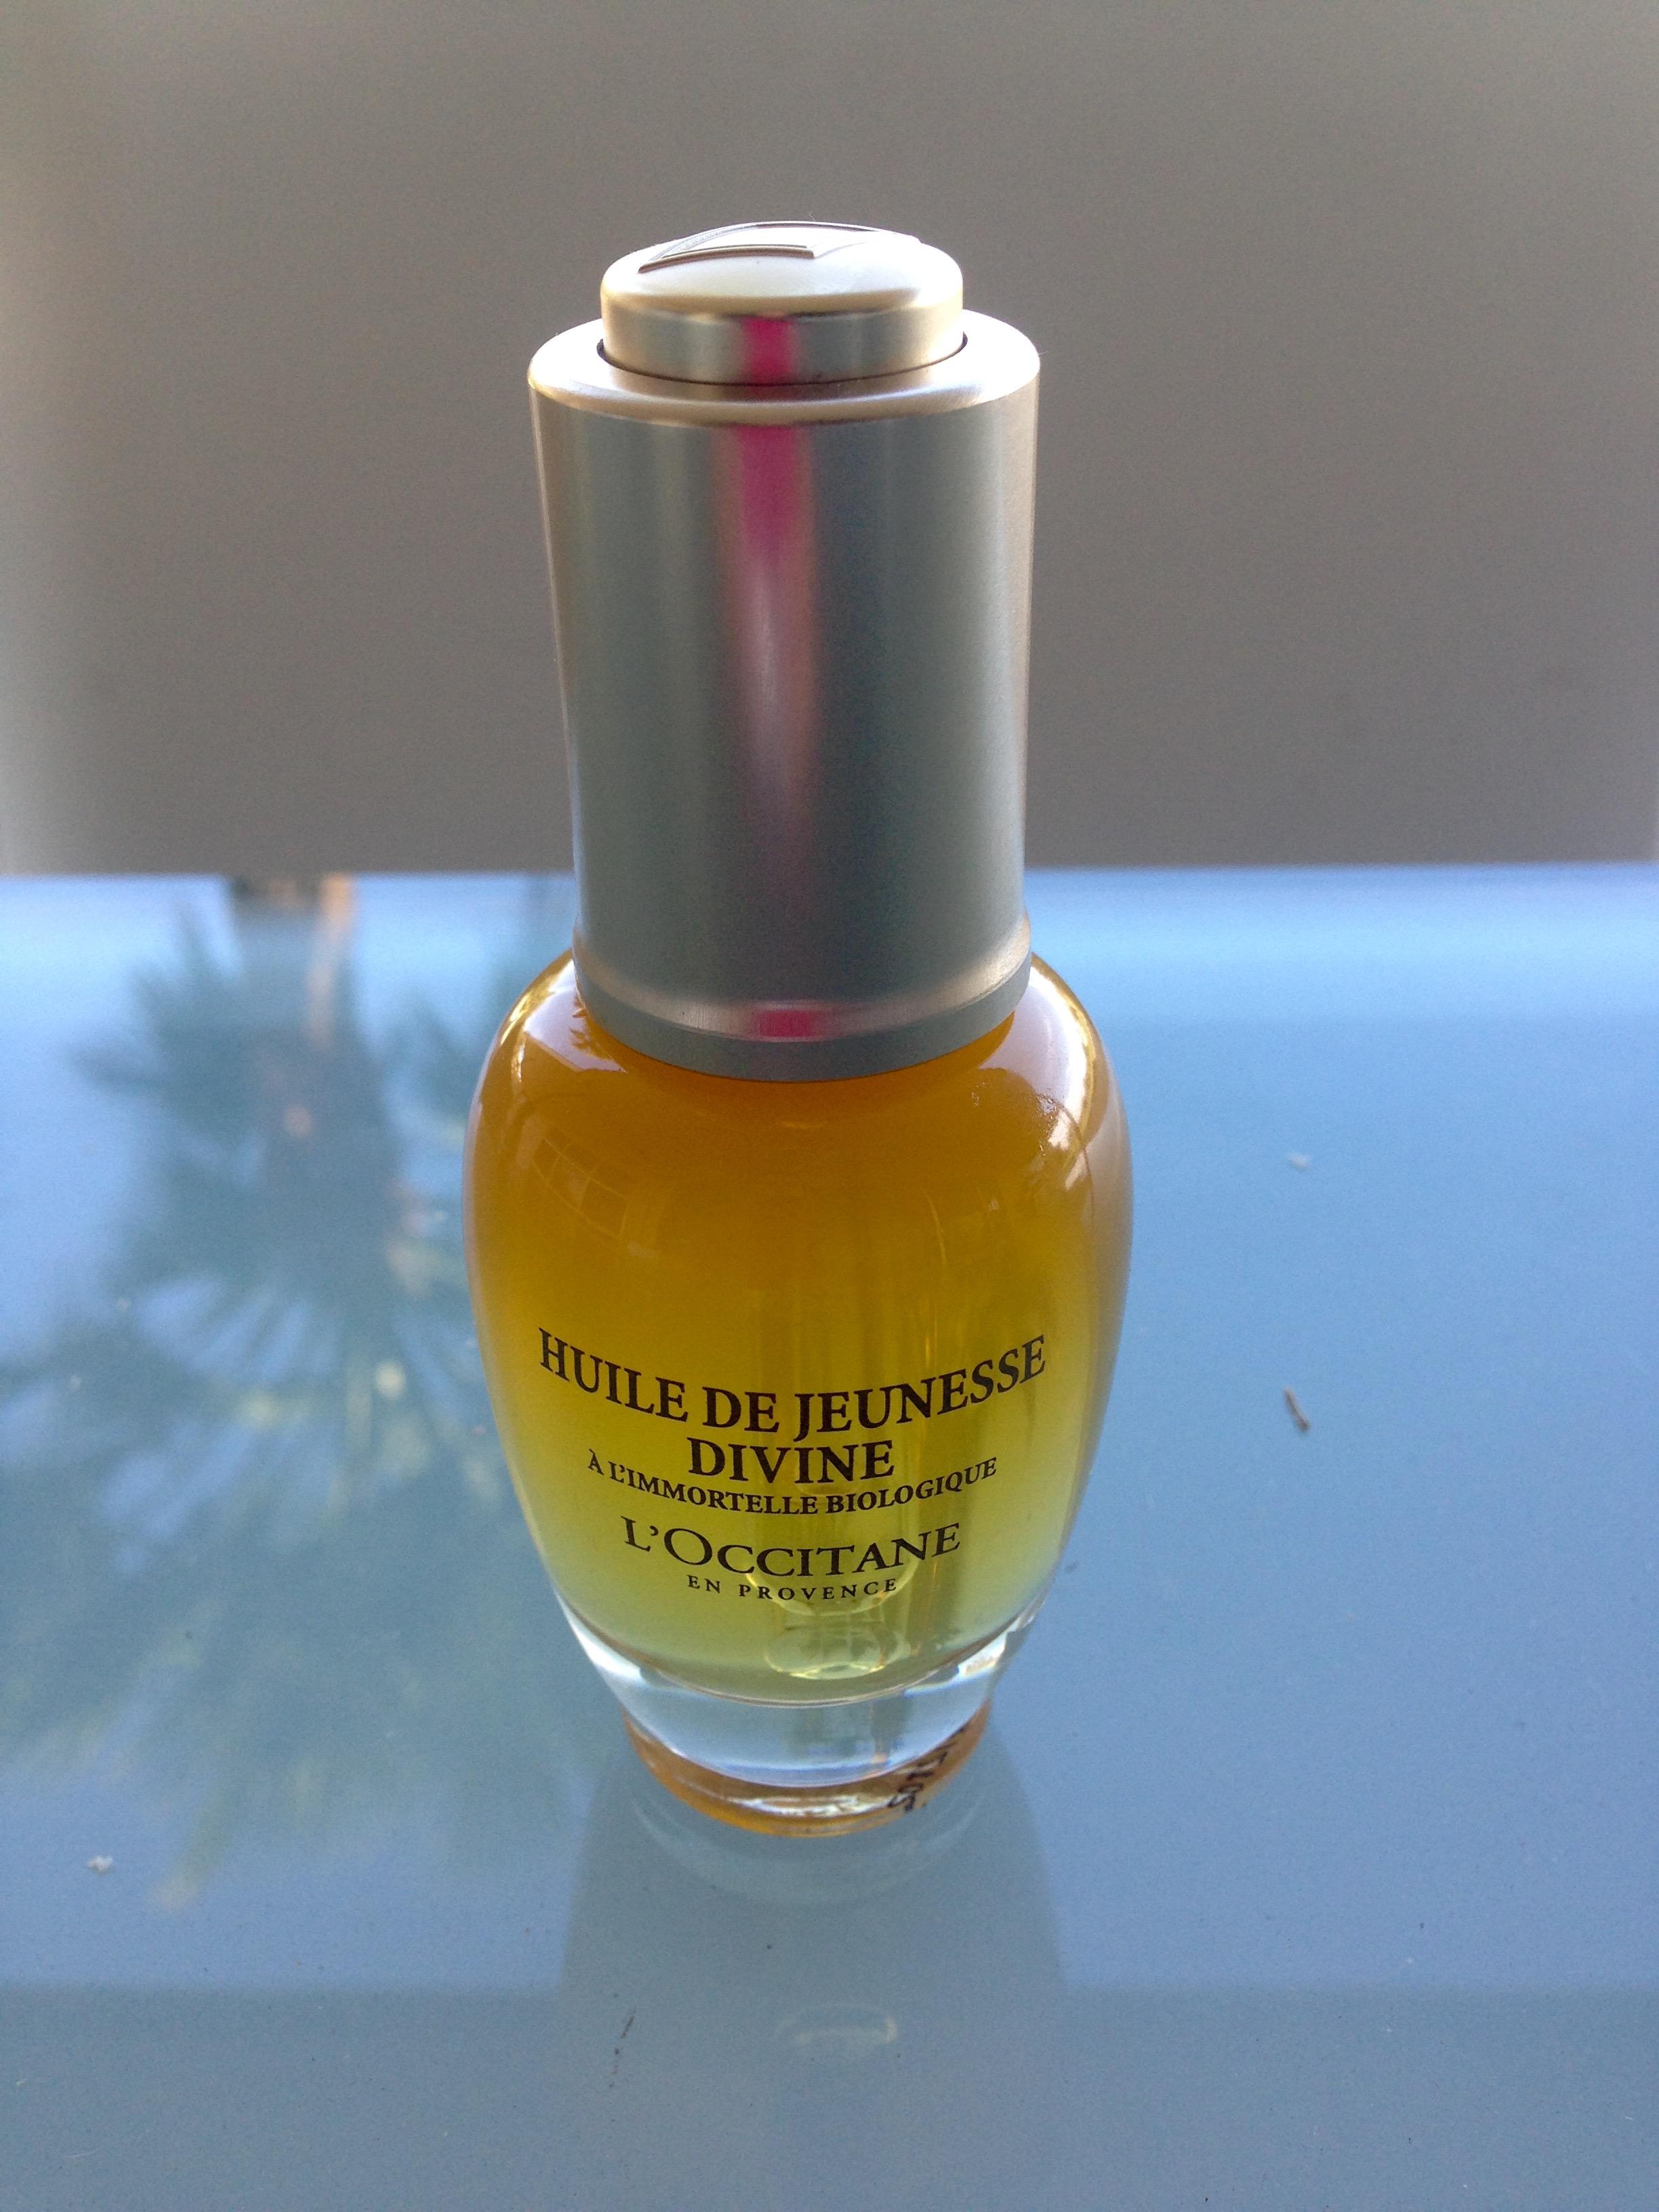 l'occitaine divine youth oil